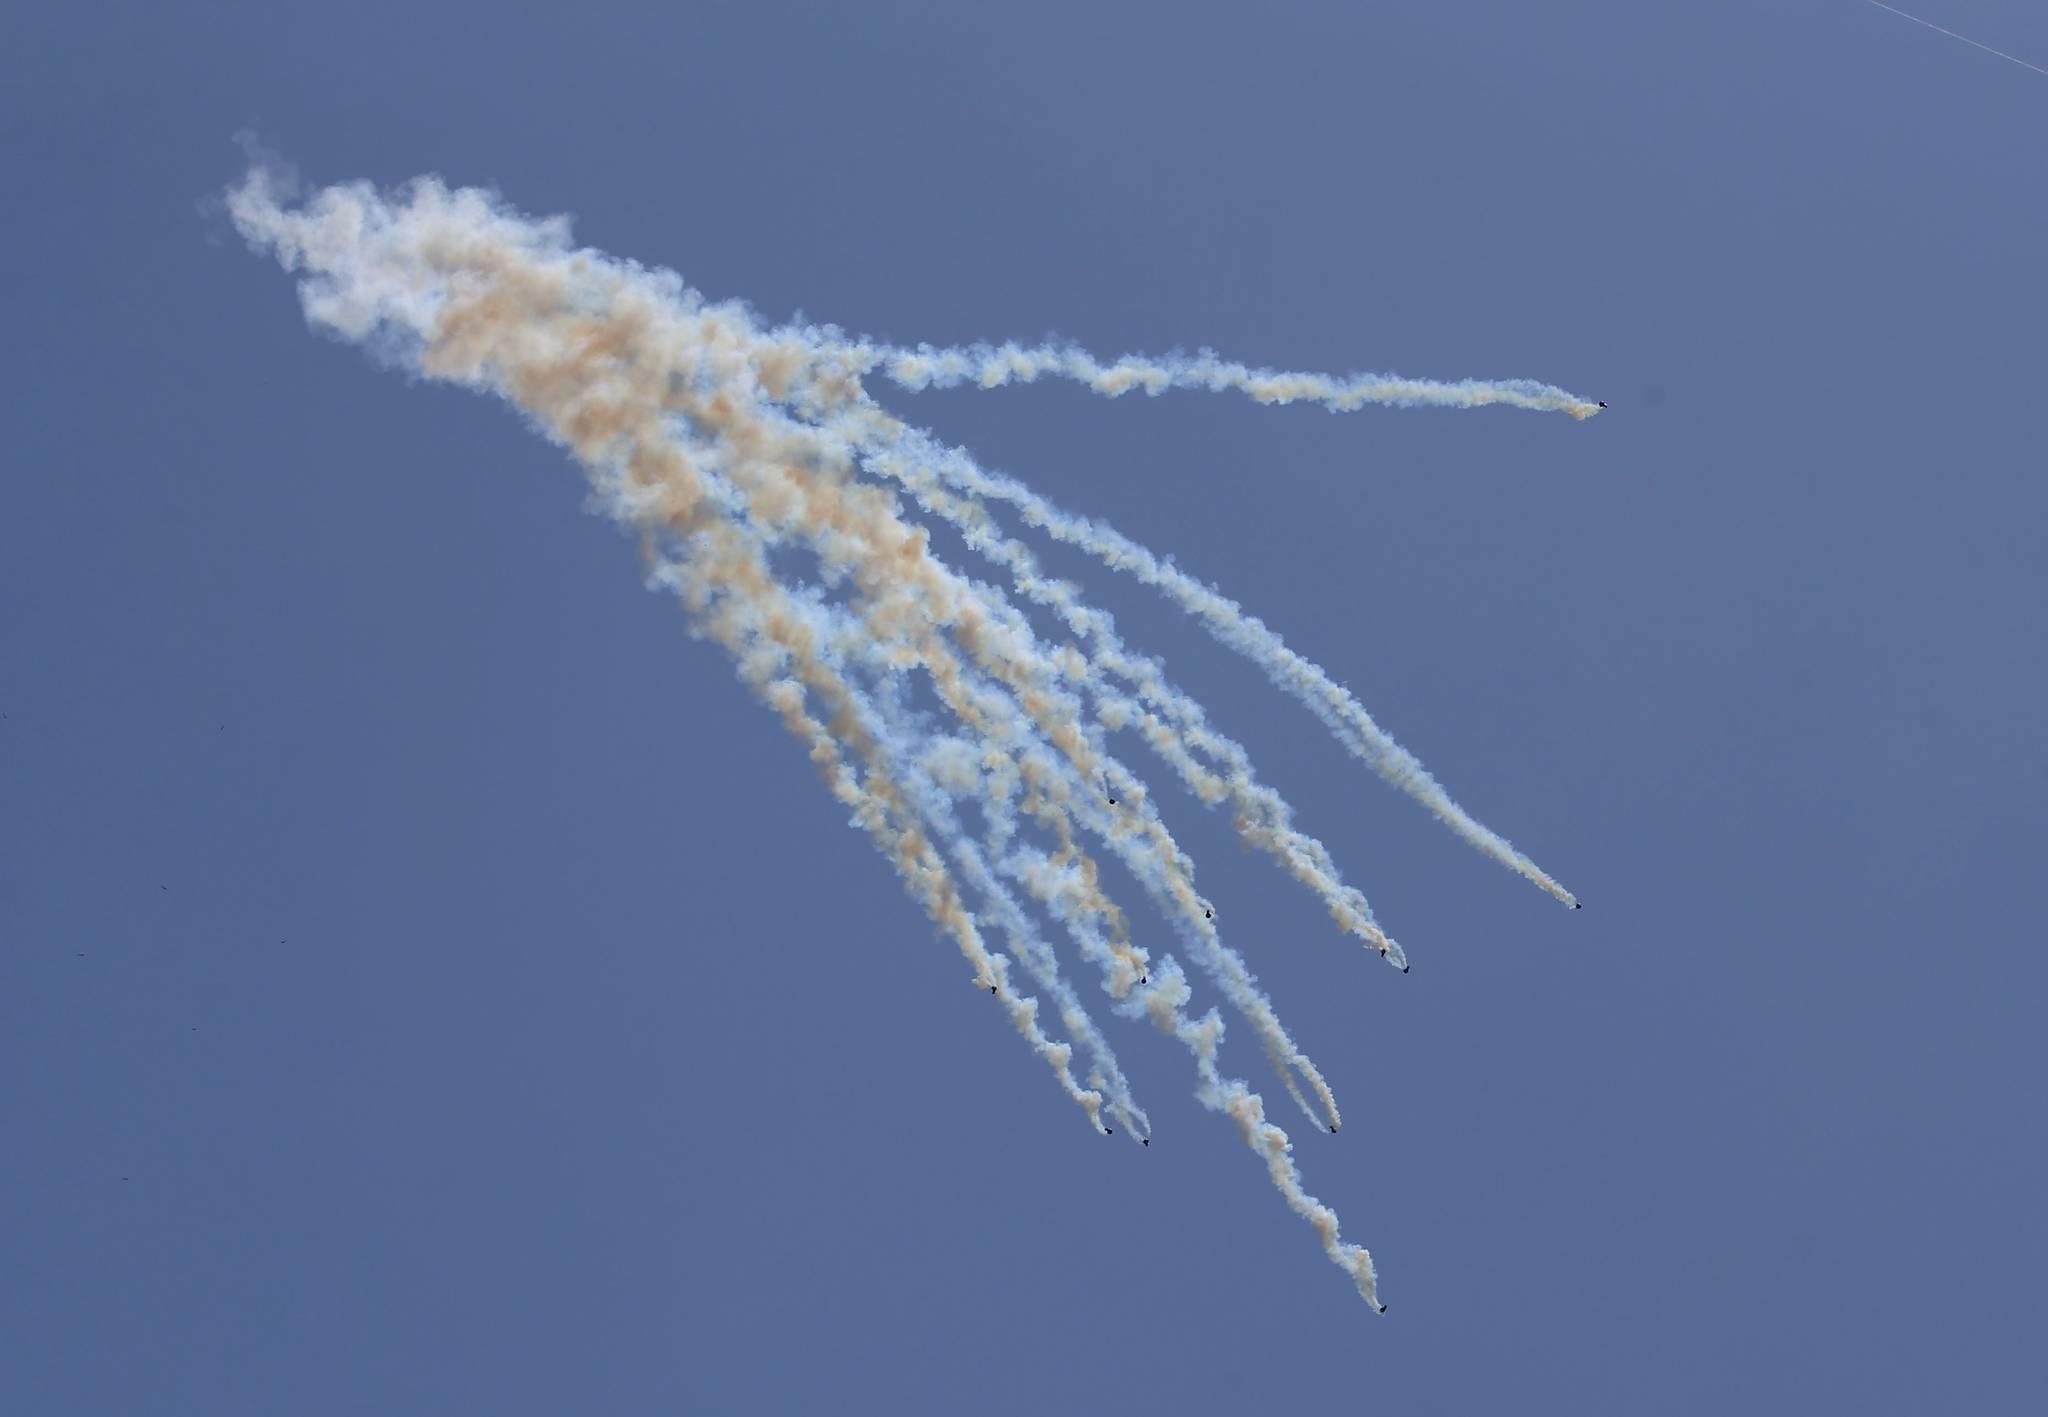 14일 가자지구에서 이스라엘 군의 드론에서 떨어진 최루탄이 팔레스타인 시위대를 향해 여러방향으로 날아가고 있다. [AFP=연합뉴스]